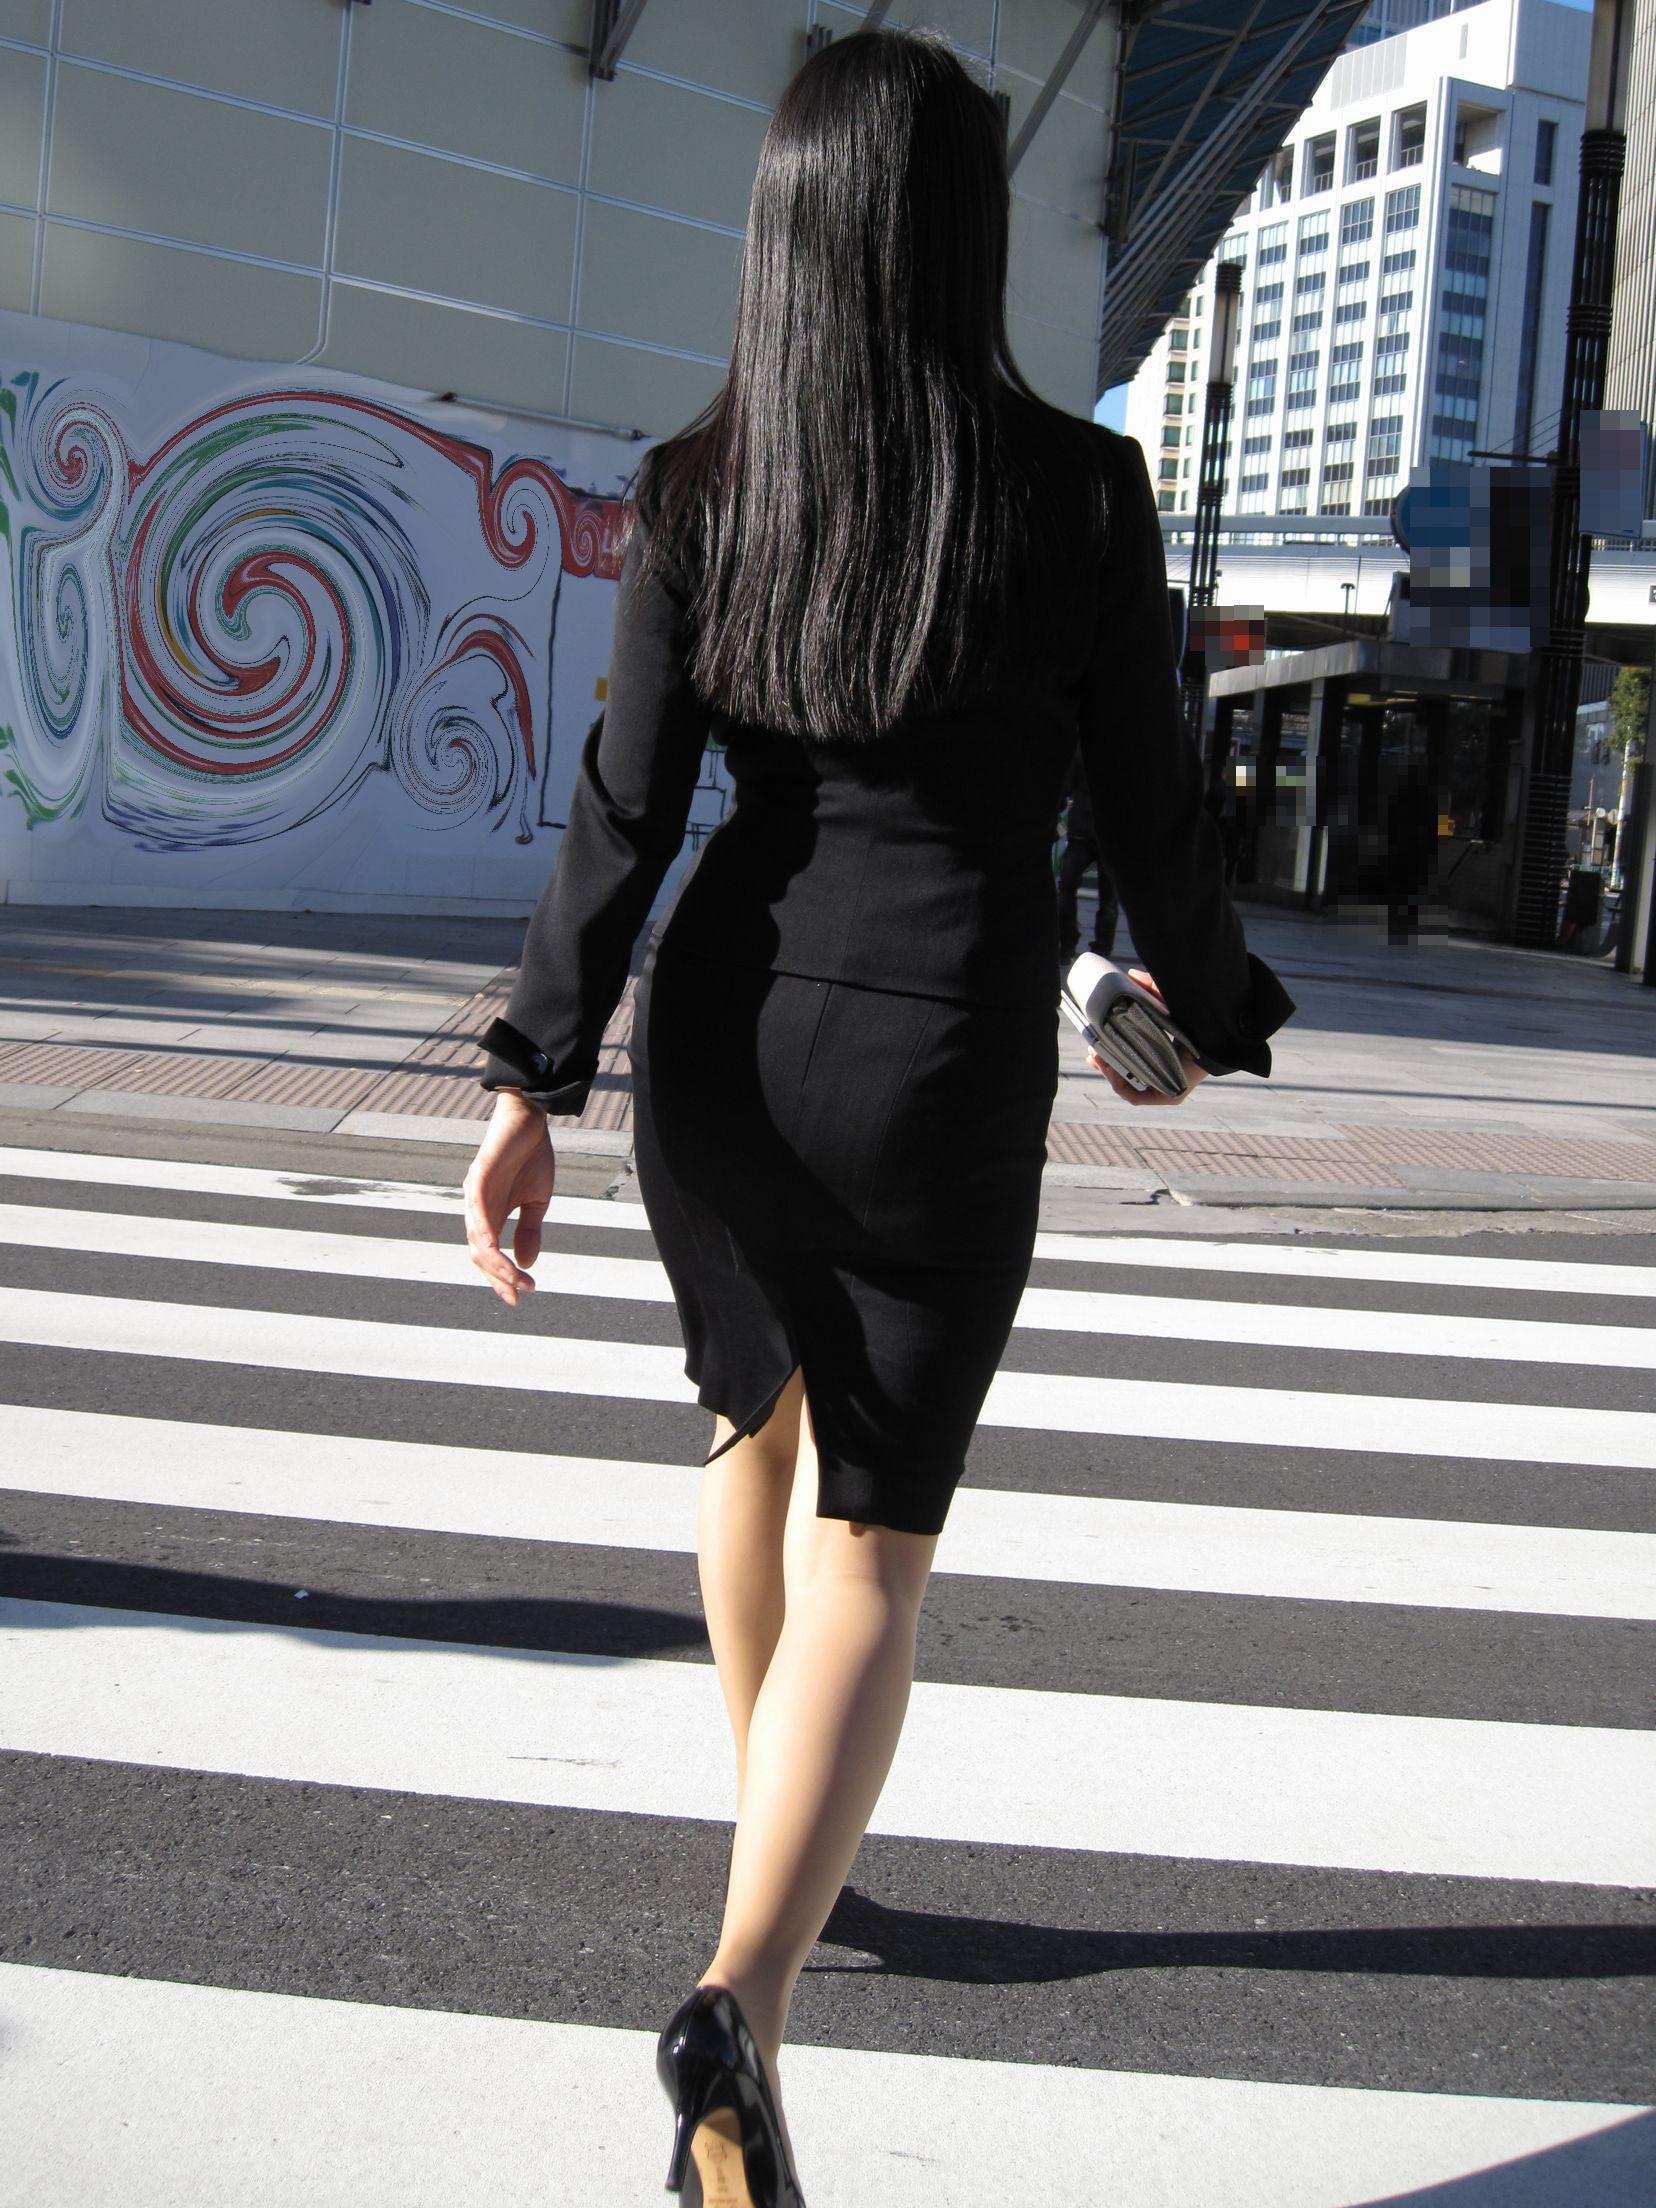 新人OLの信号待ちタイトスカート街撮りエロ画像9枚目